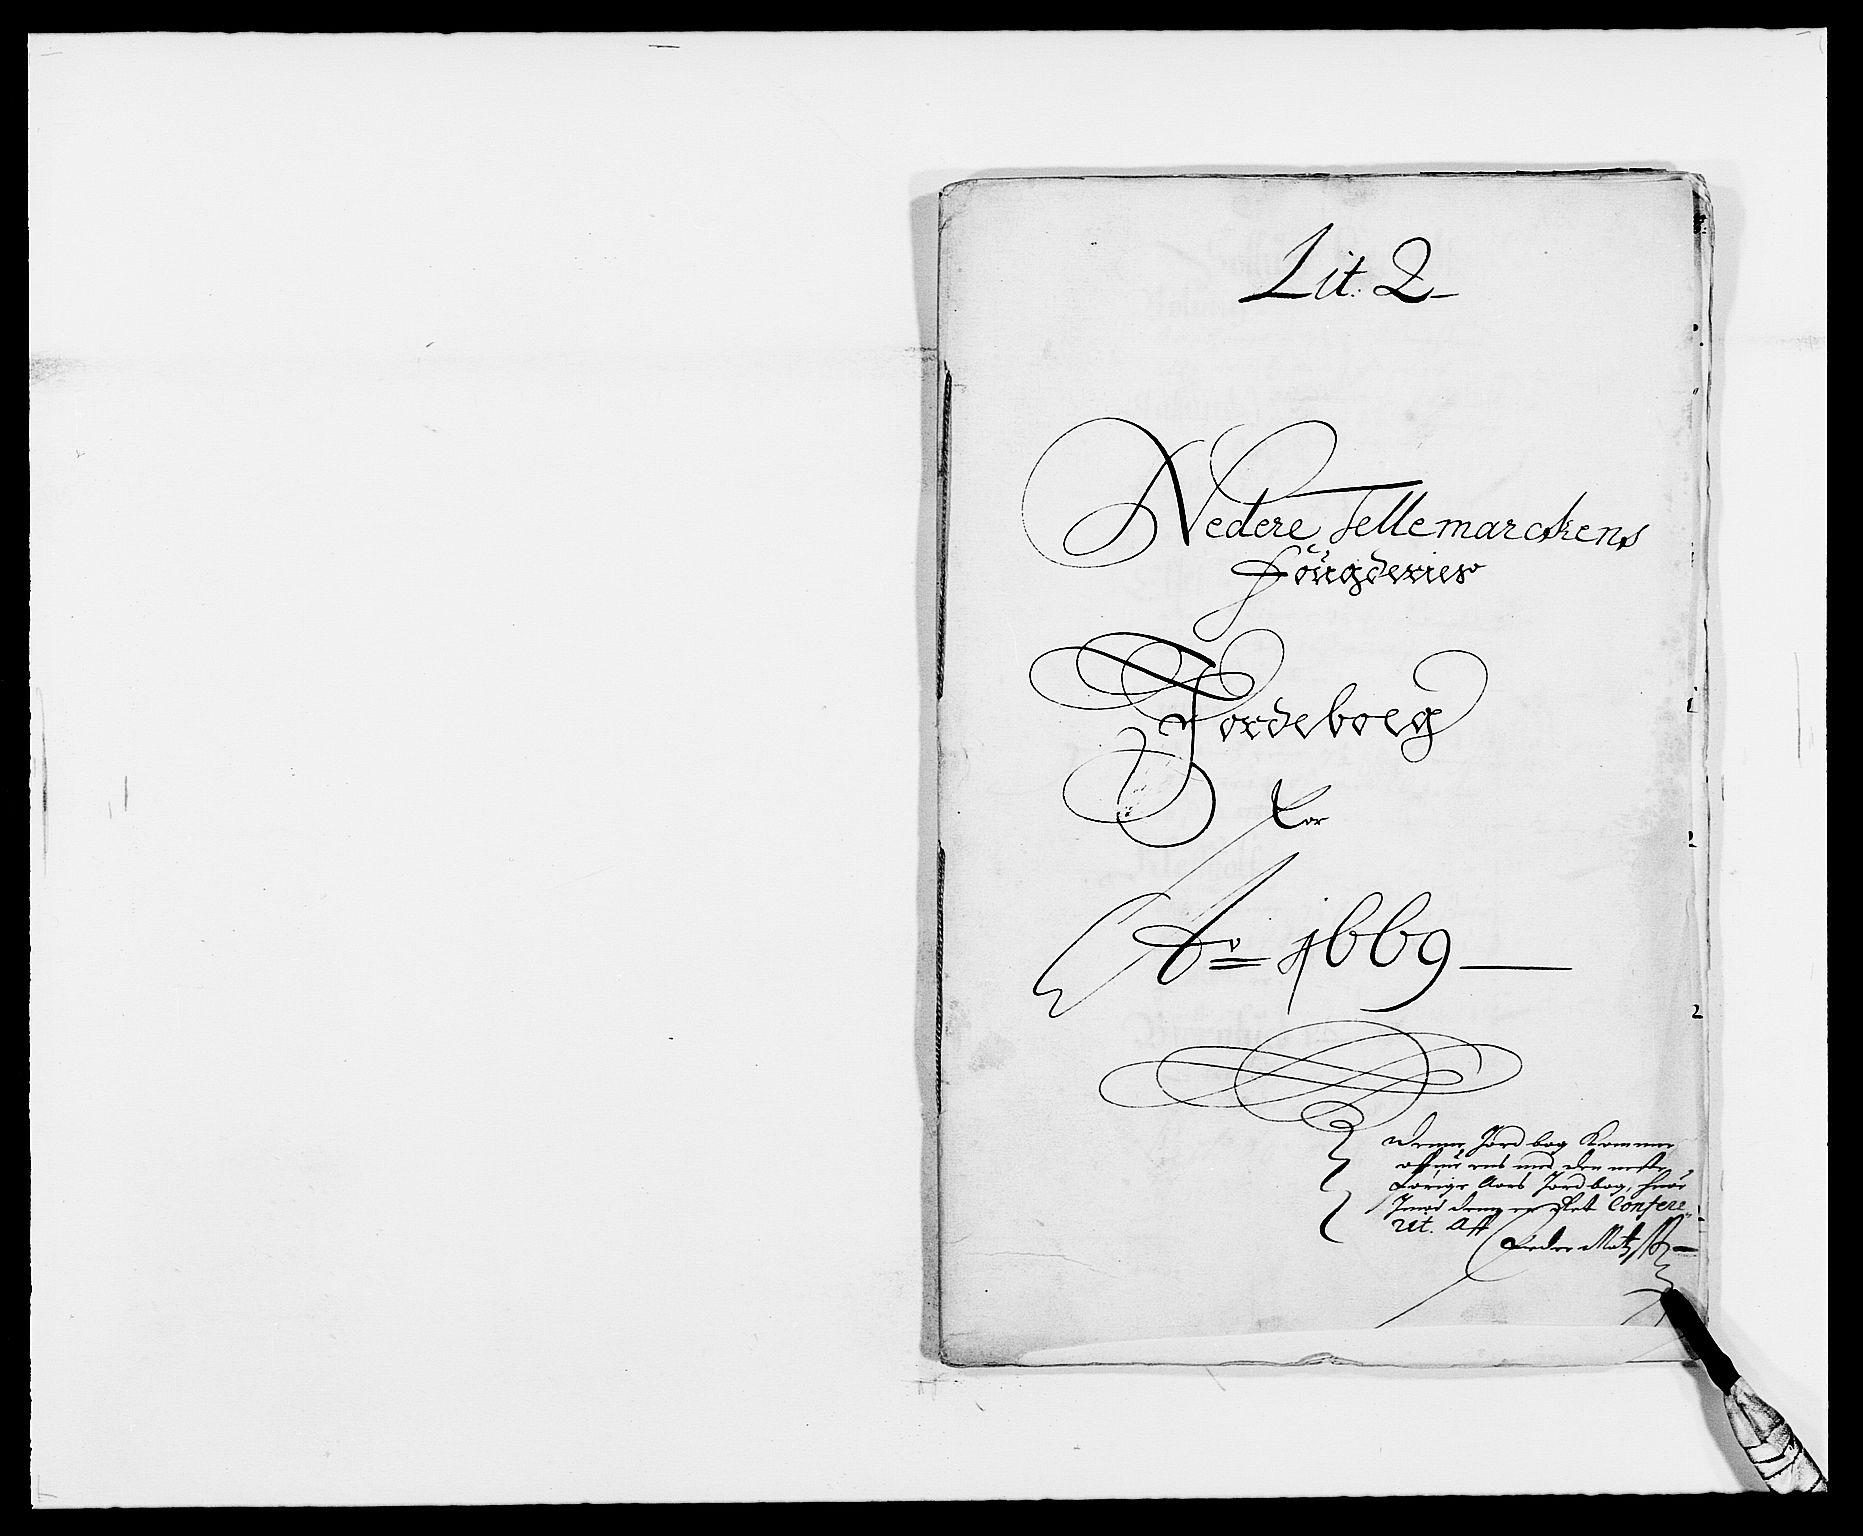 RA, Rentekammeret inntil 1814, Reviderte regnskaper, Fogderegnskap, R35/L2058: Fogderegnskap Øvre og Nedre Telemark, 1668-1670, s. 306